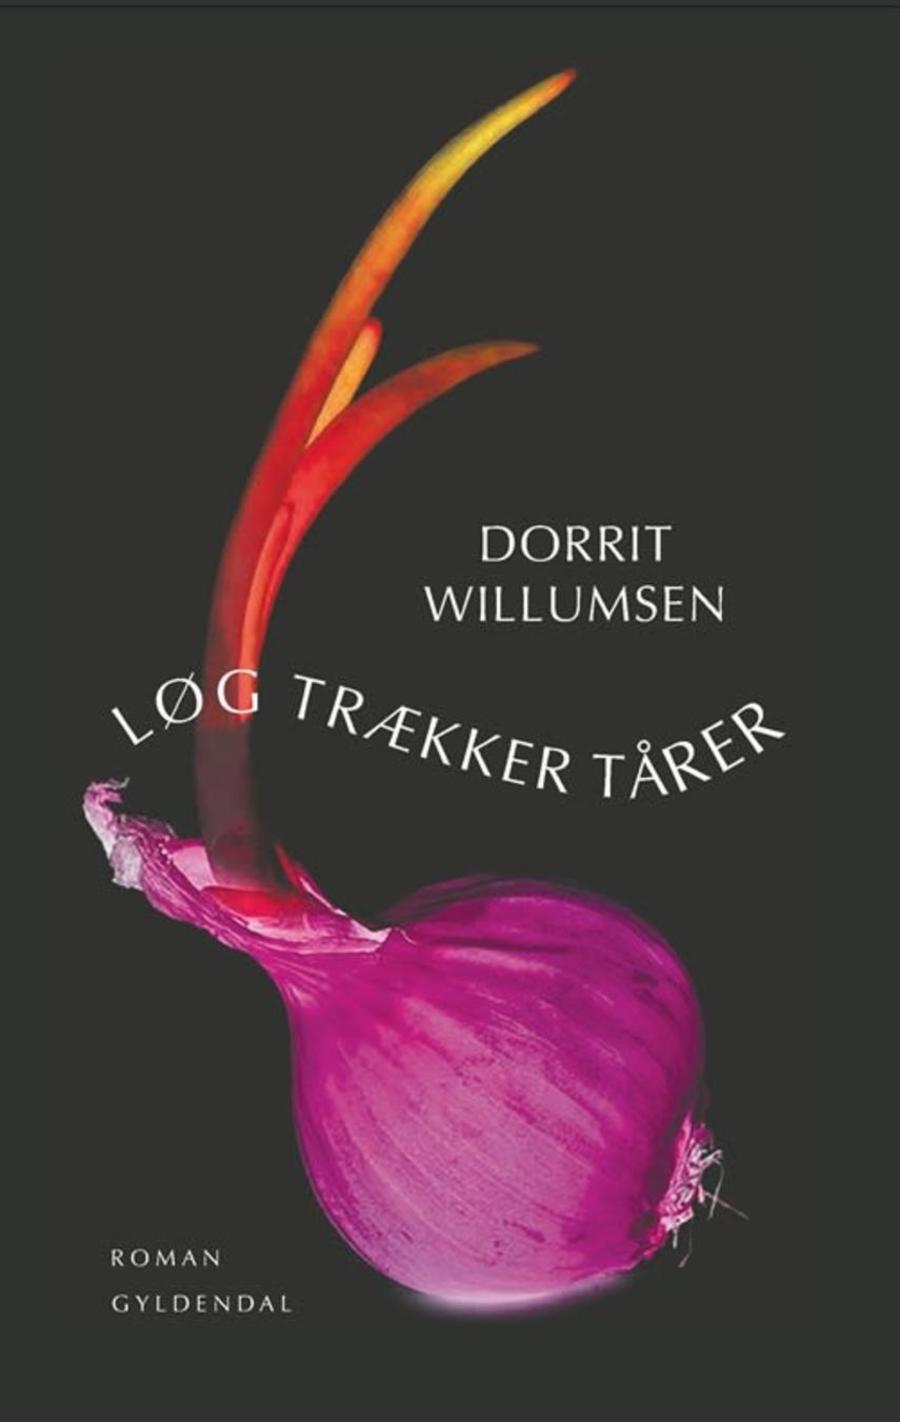 Forside af bogen Løg trækker tårer